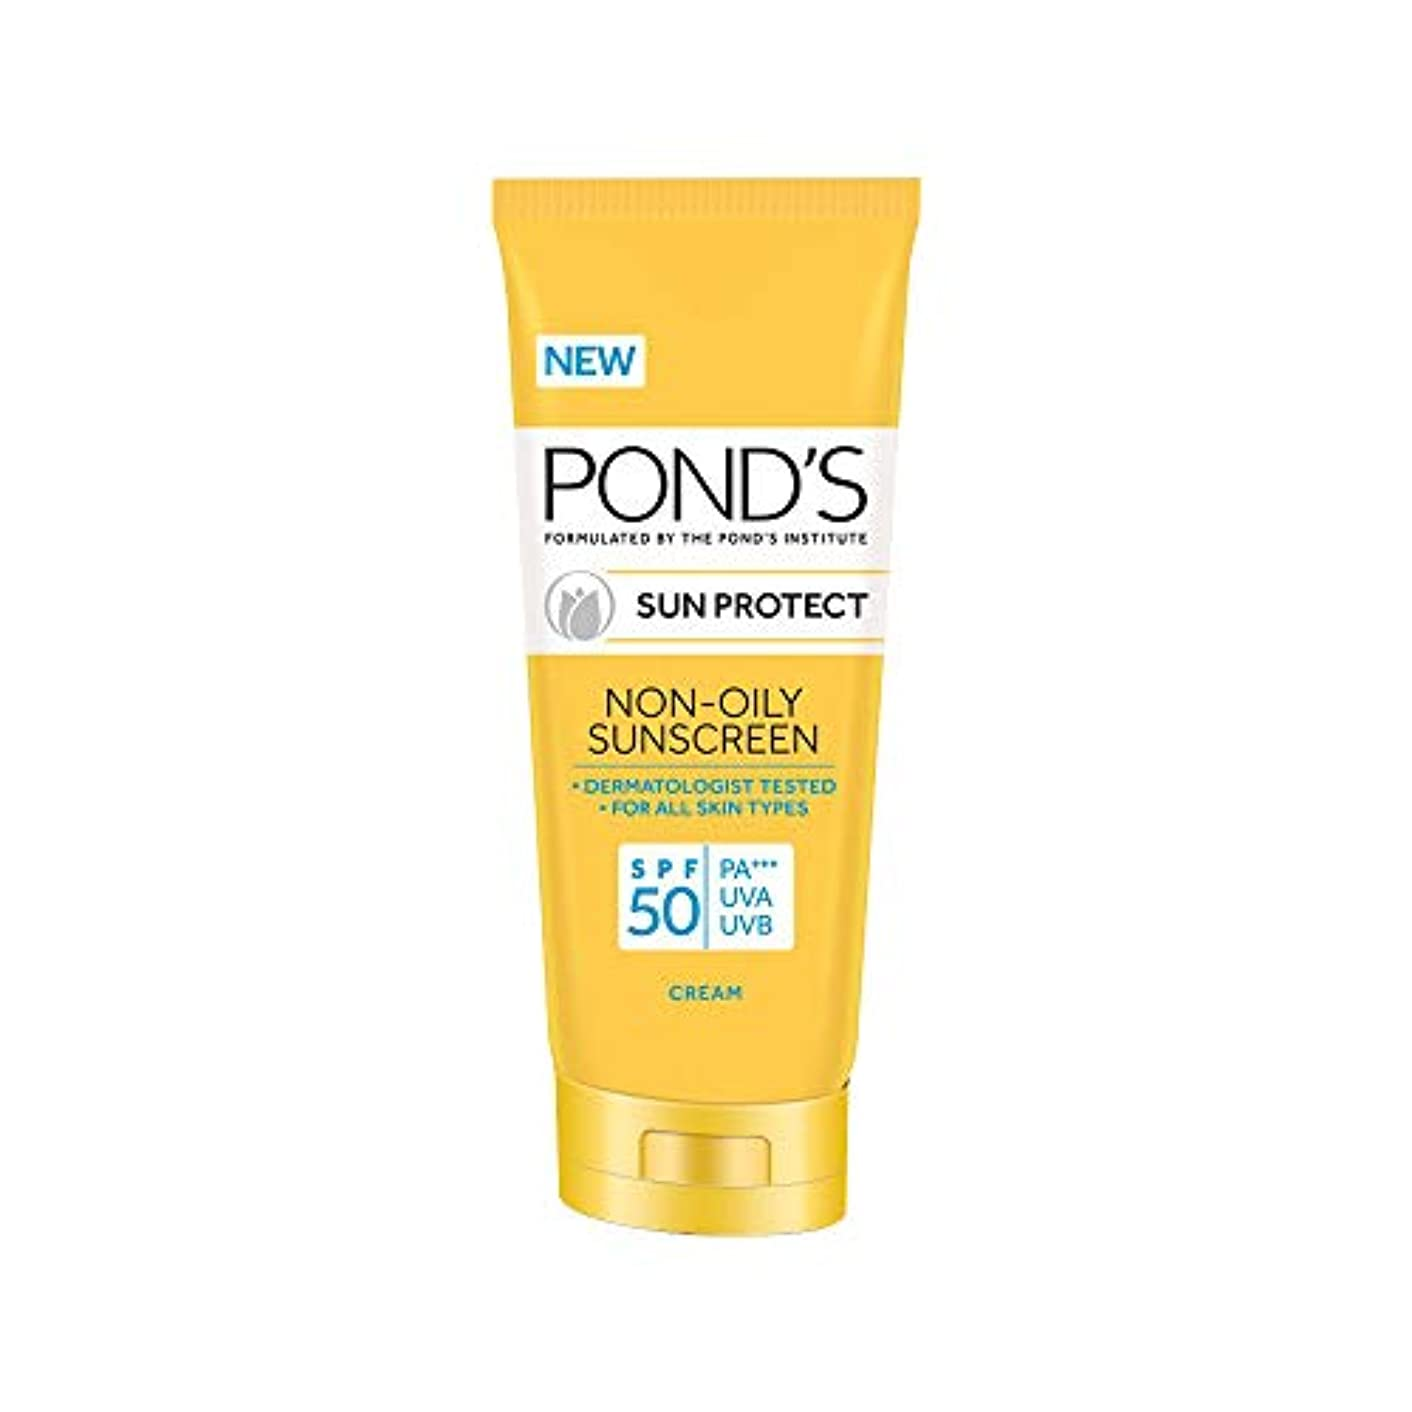 物理的な埋め込むPOND'S SPF 50 Sun Protect Non-Oily Sunscreen, 35 g